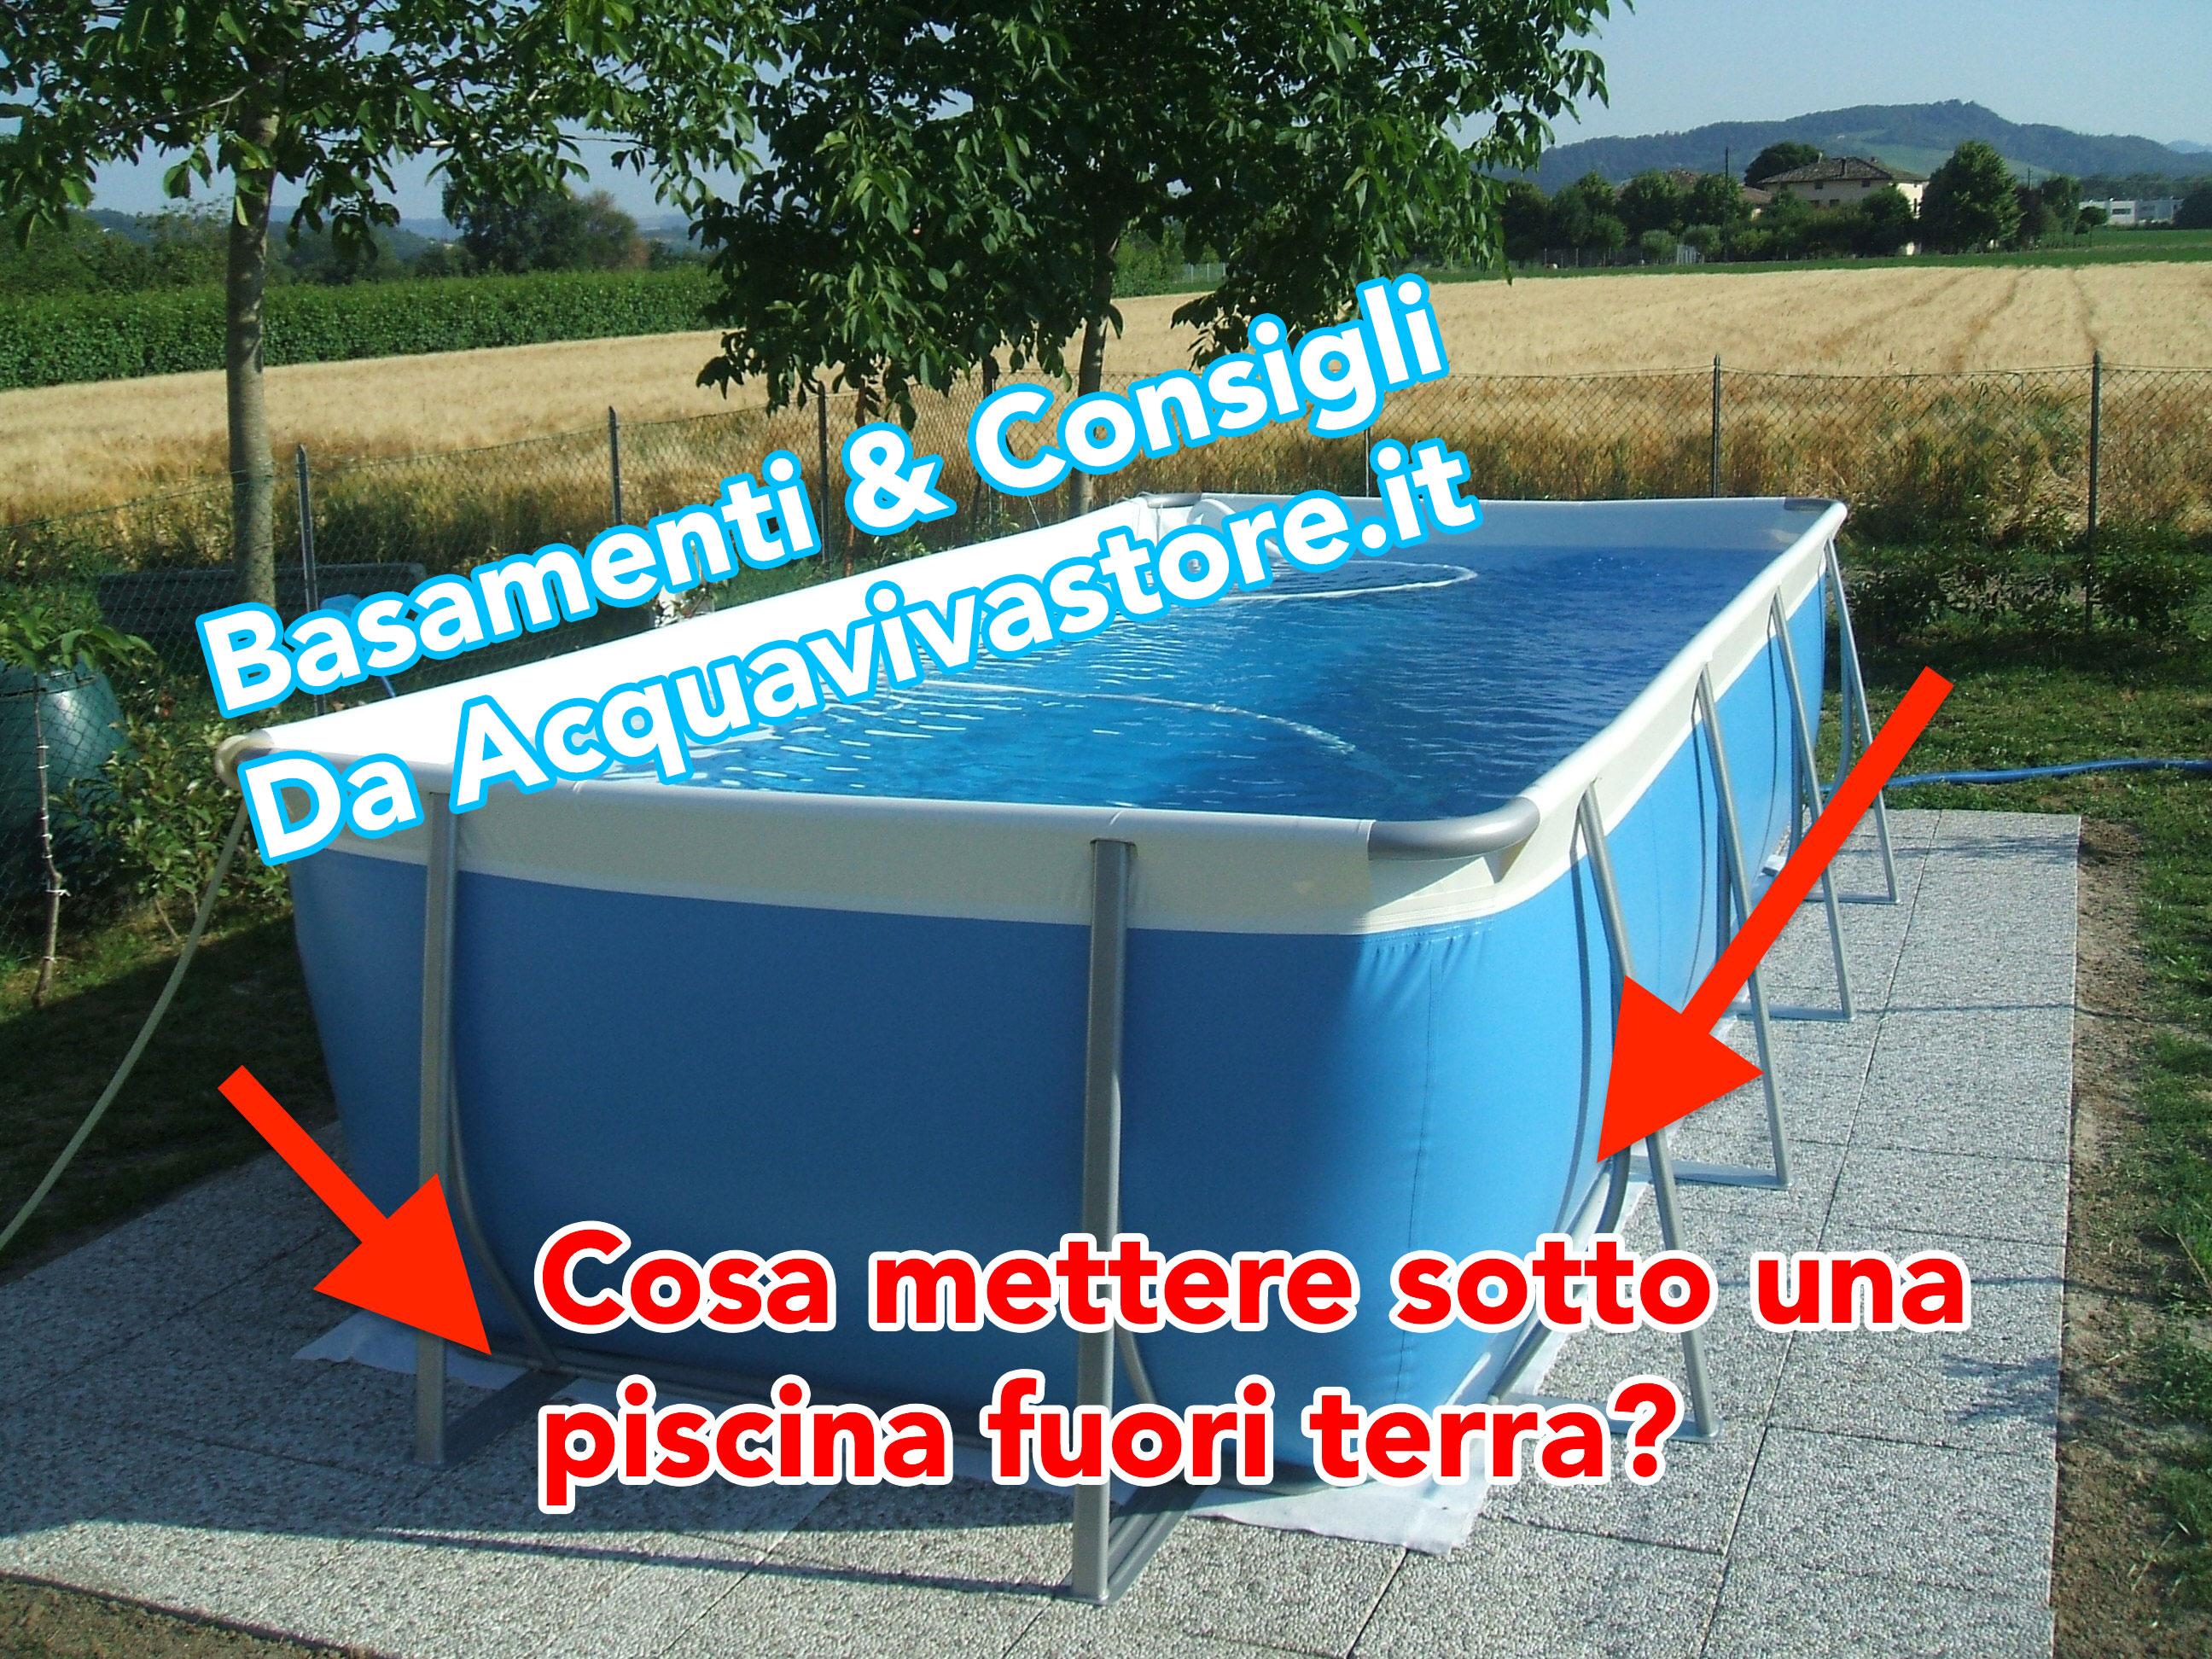 Cosa mettere sotto una piscina fuori terra? Basamenti & Consigli